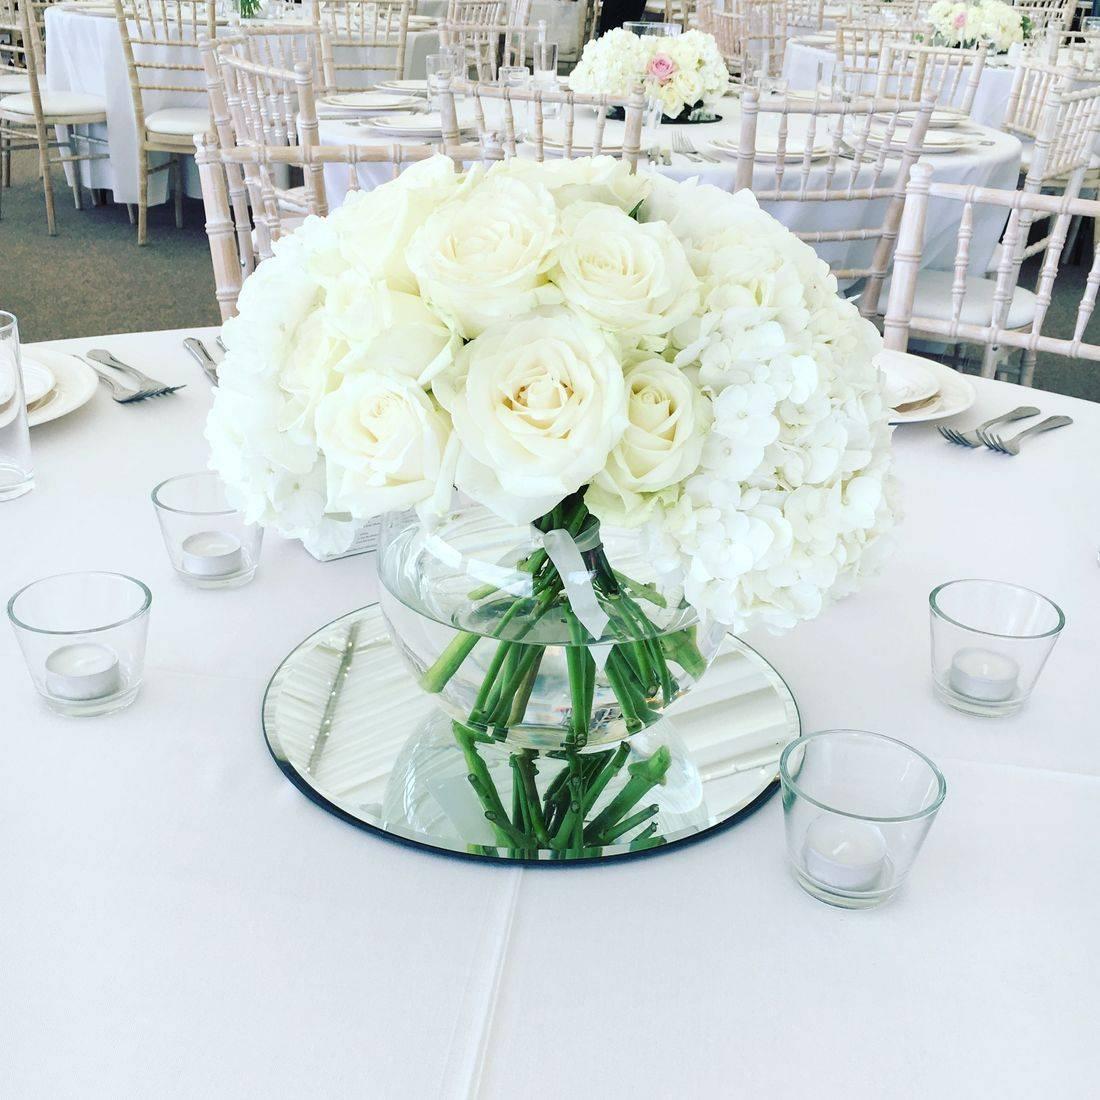 Luxurious Table Arrangement, Osmorton Park Derbyshire, Wedding flowers,